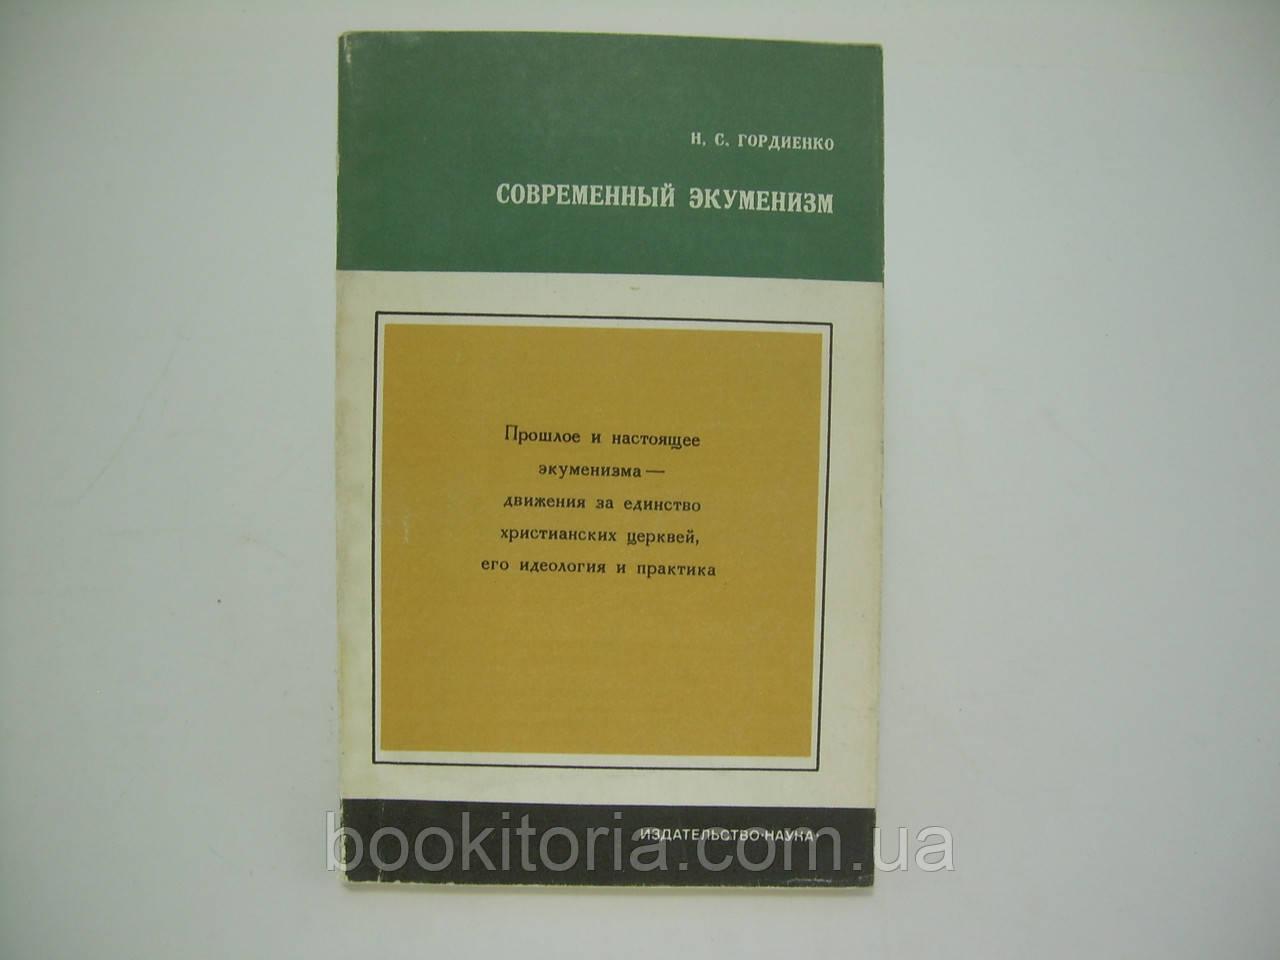 Гордиенко Н.С. Современный экуменизм (б/у).